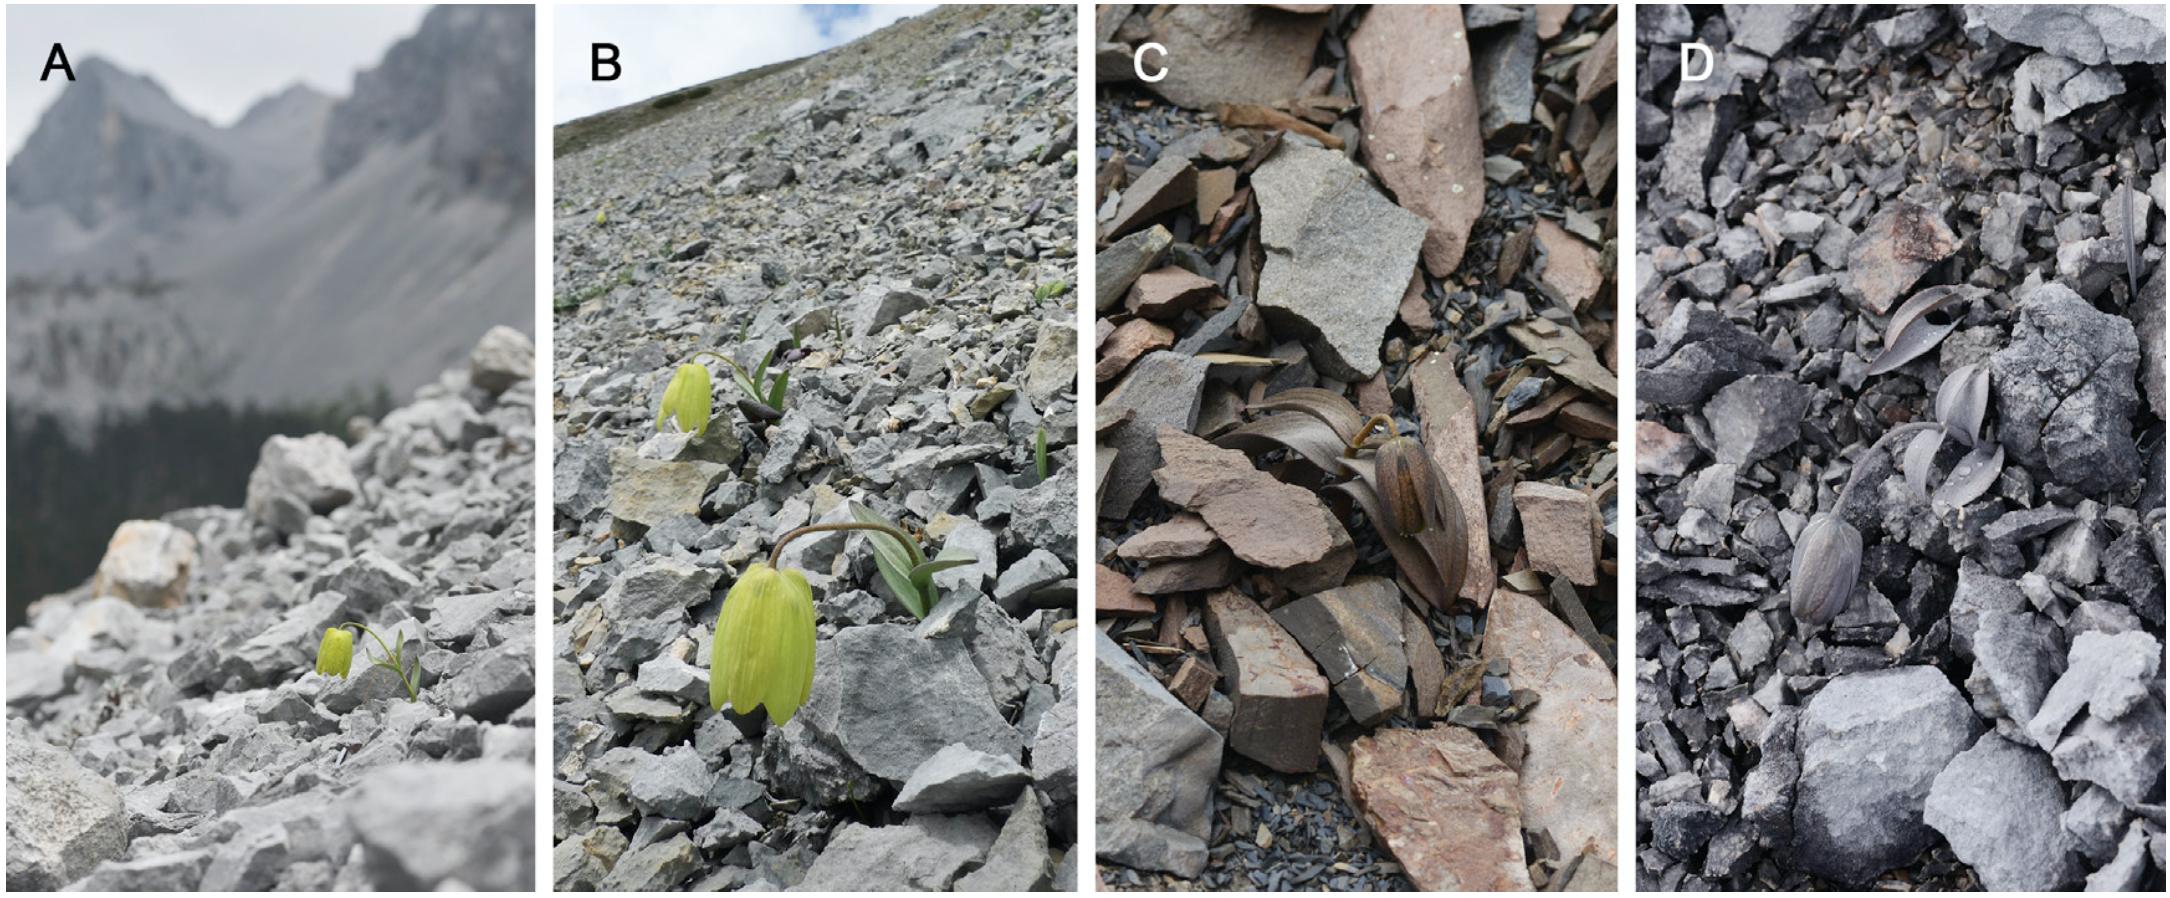 Китайские растения научились изменять свой цвет, чтобы их не замечали и не собирали люди Культура